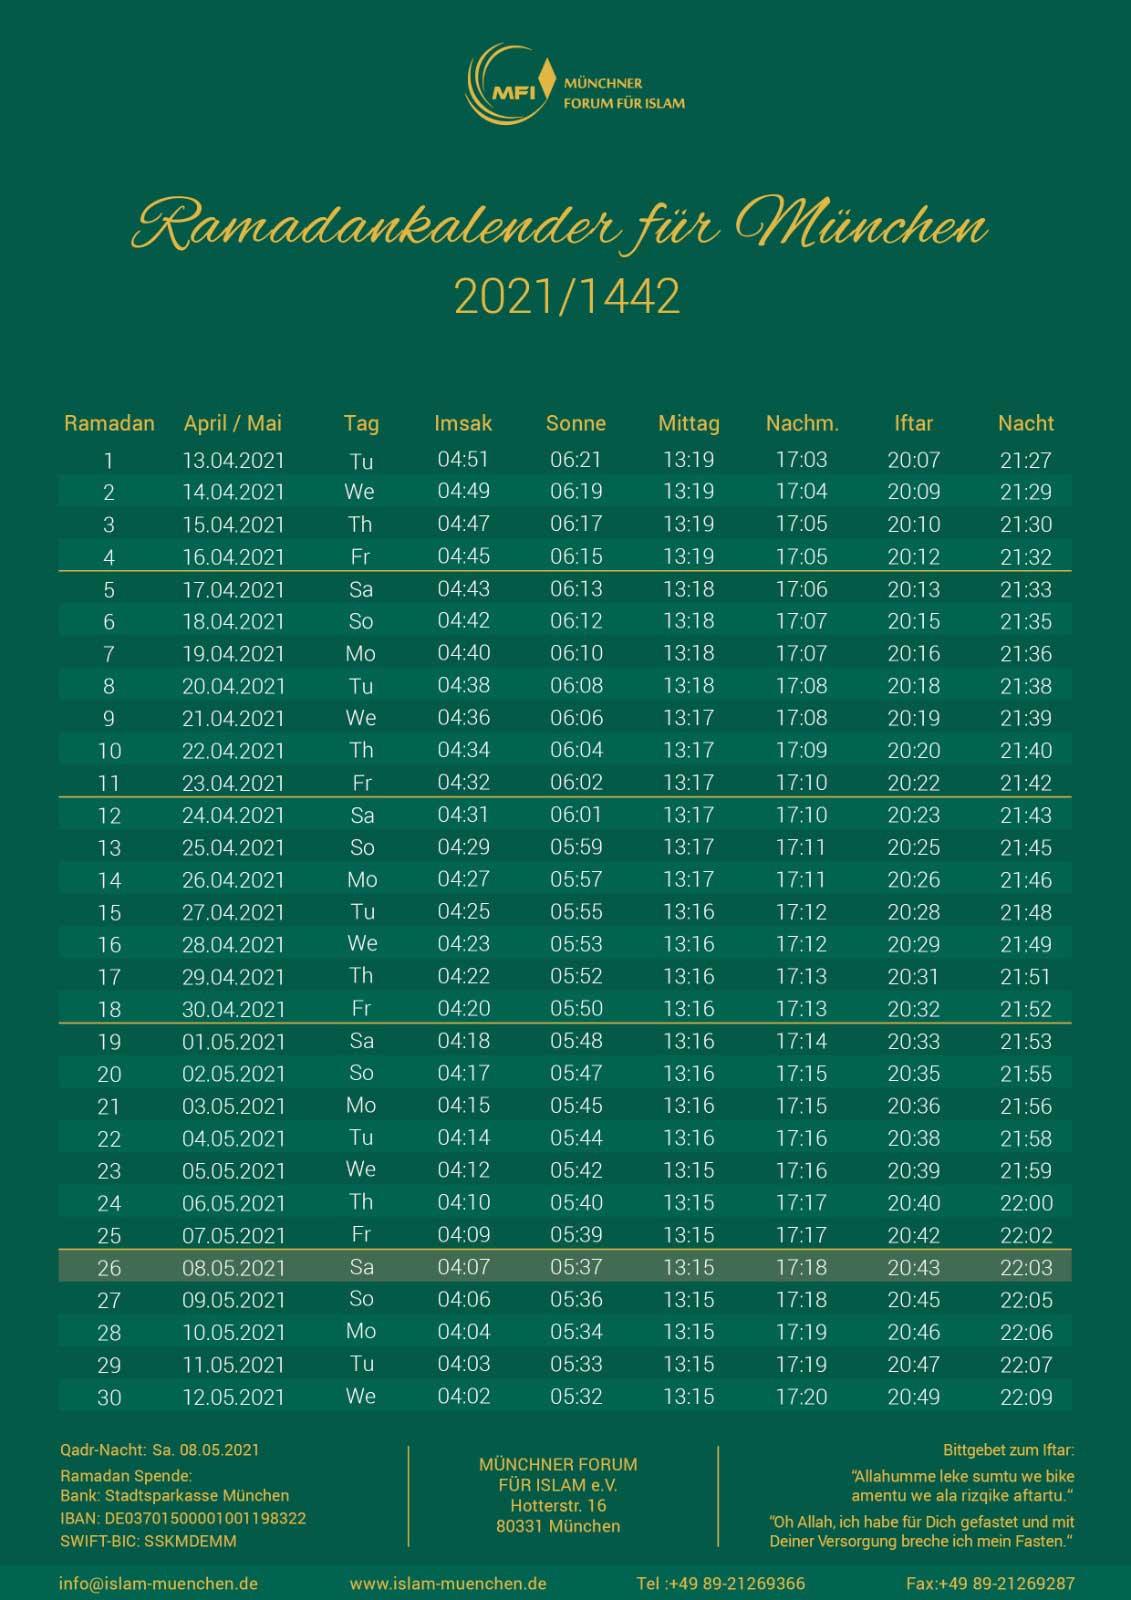 Ramadankalender 2021 für München